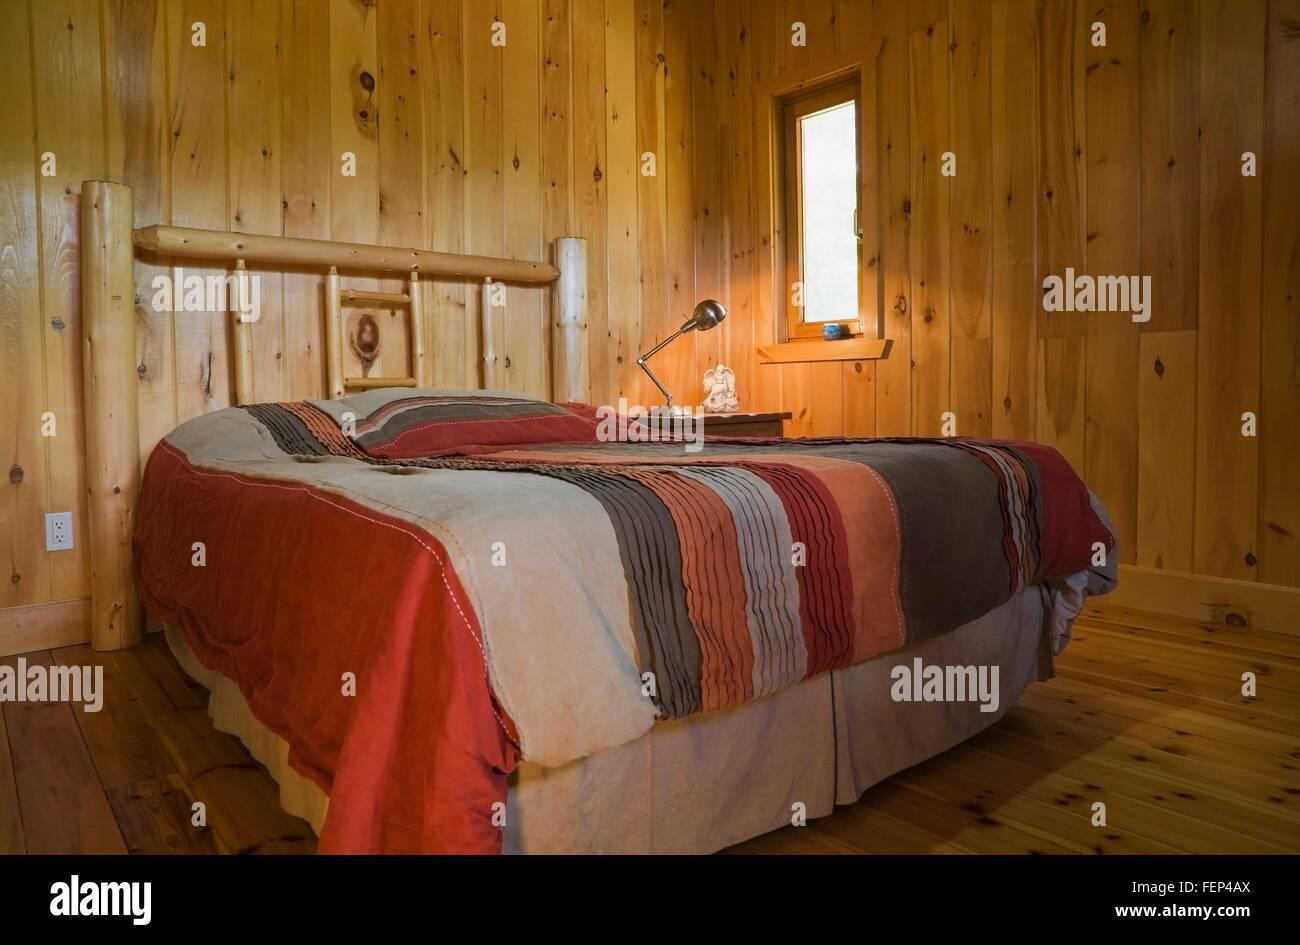 Queen Size Bed Stockfotos & Queen Size Bed Bilder - Alamy